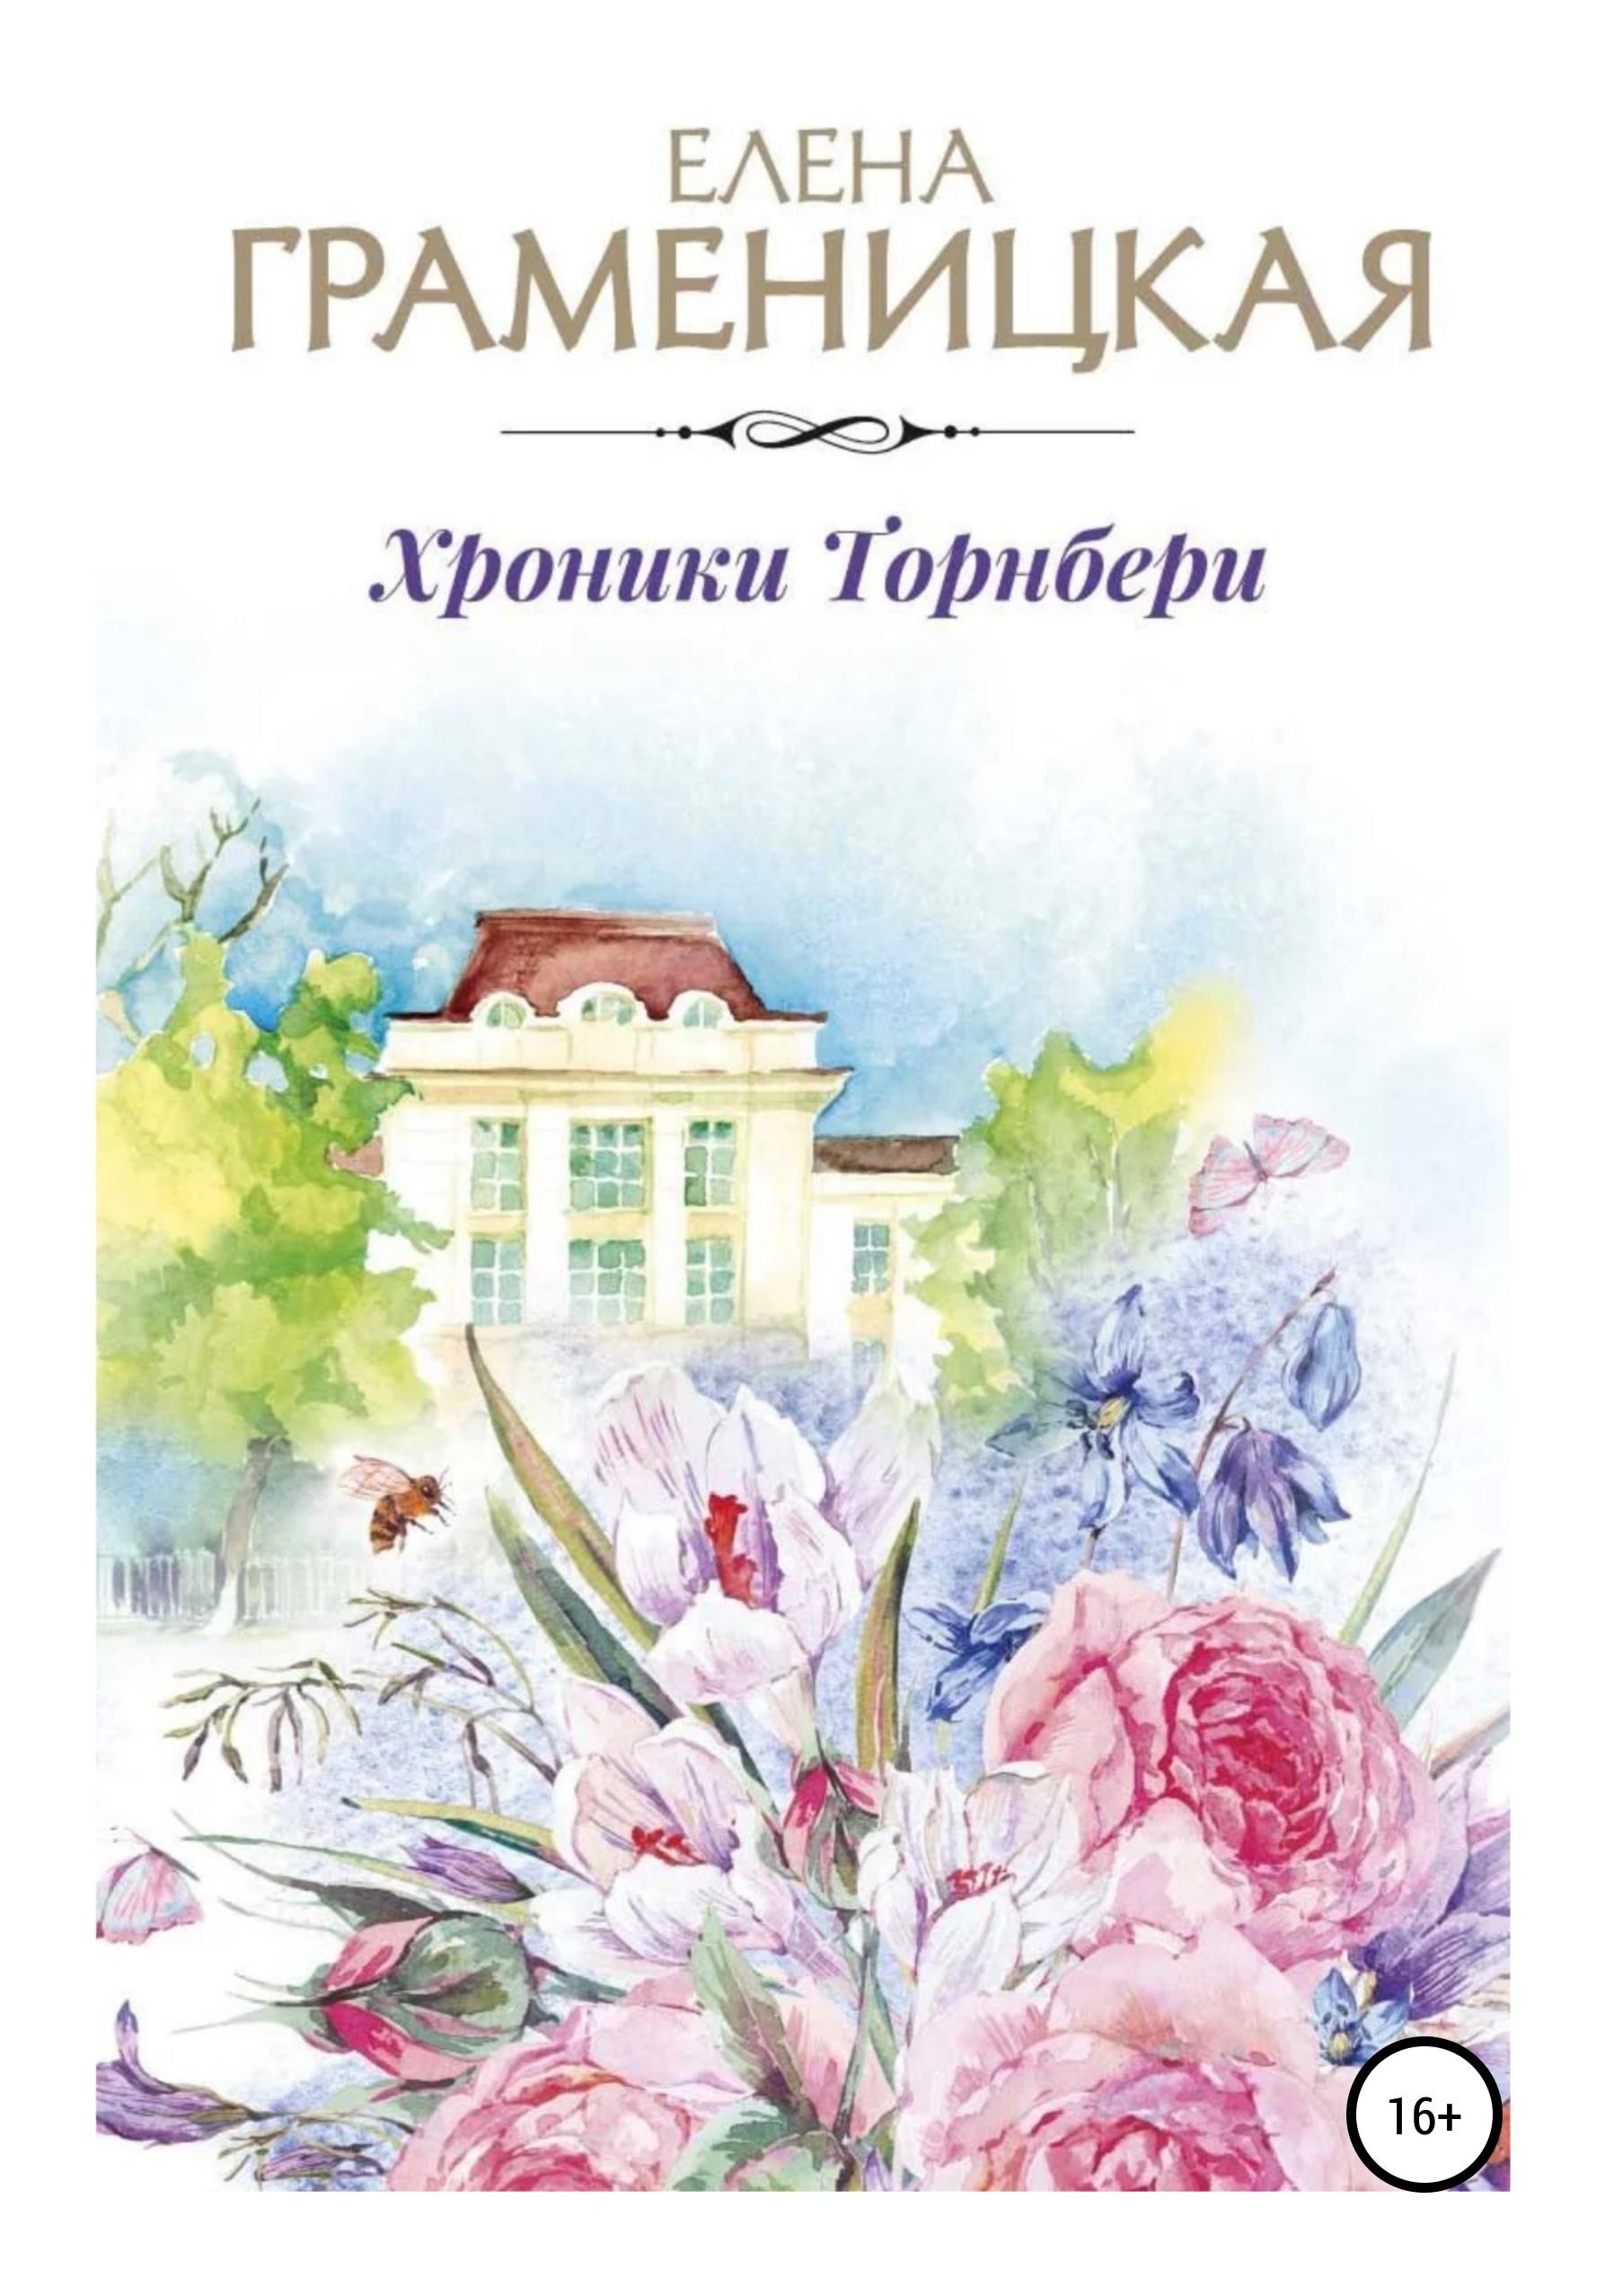 Купить книгу Хроники Торнбери, автора Елены Граменицкой